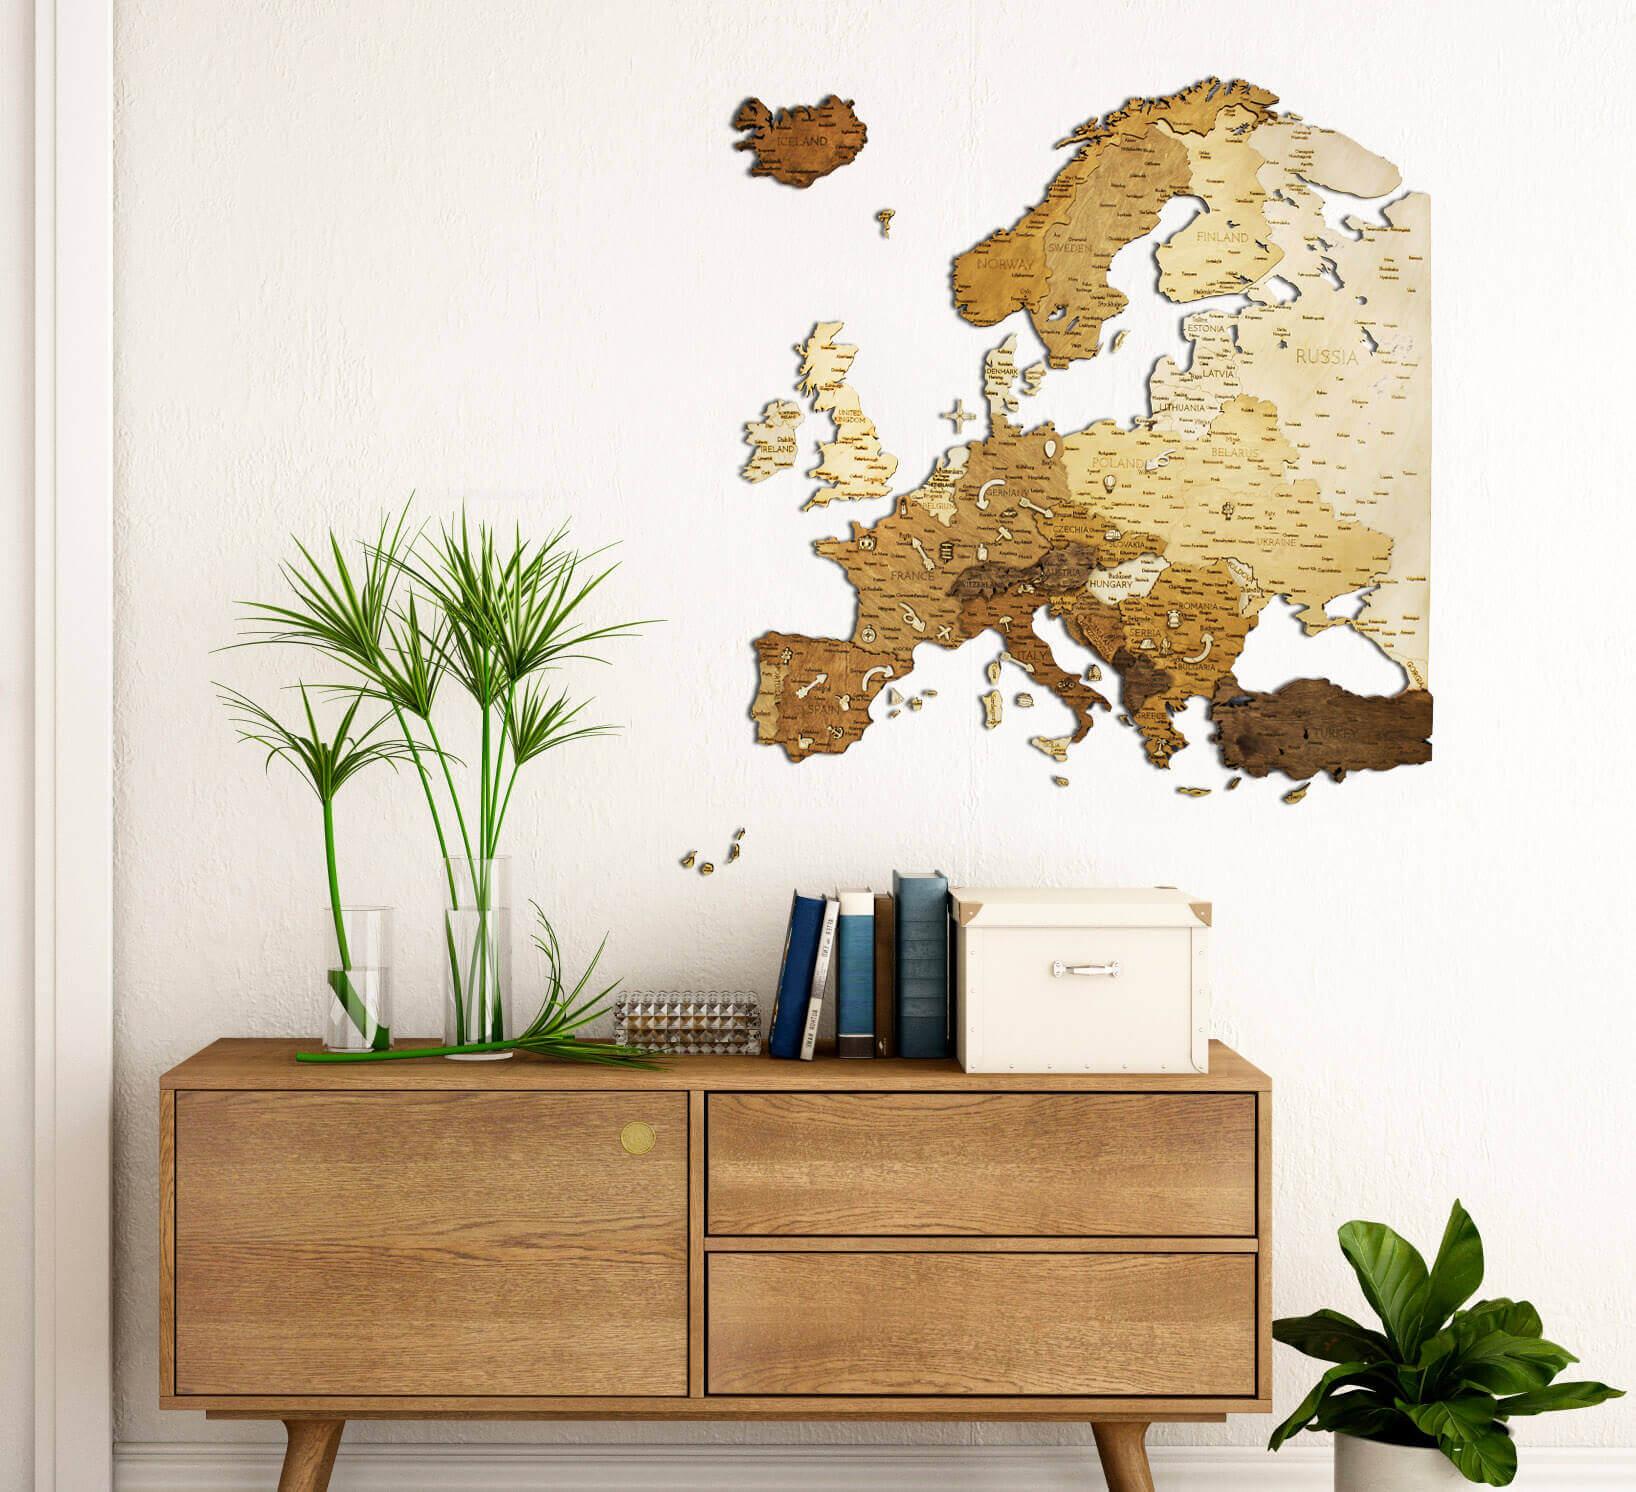 Dřevěná mapa Evropy - nástěnná dekorace